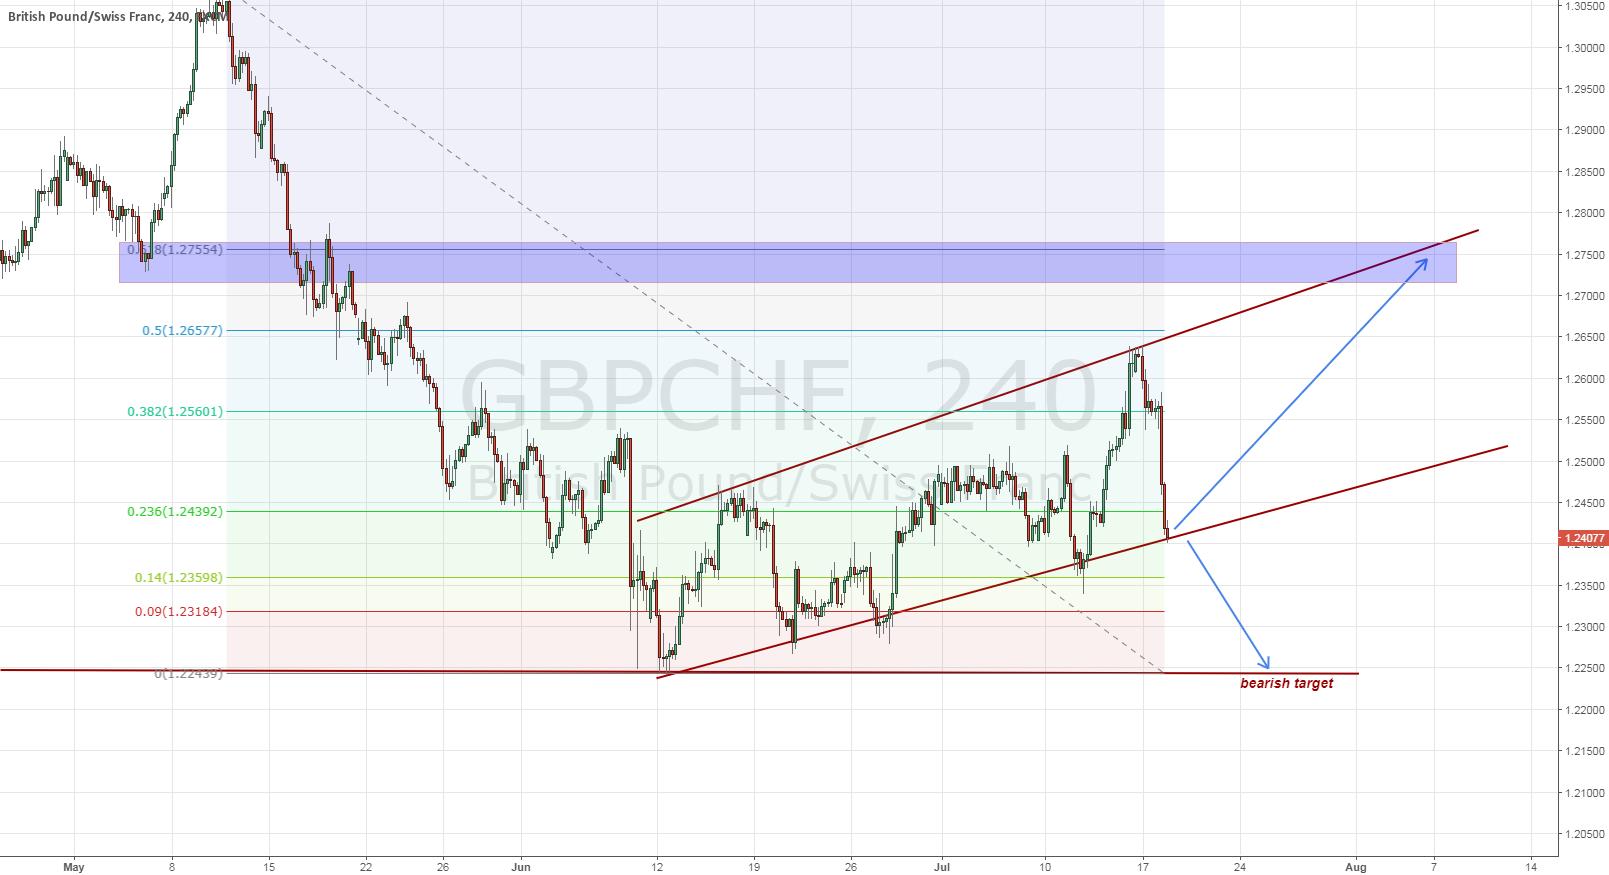 GBPCHF - bearish possibility - July 19 - technical analysis